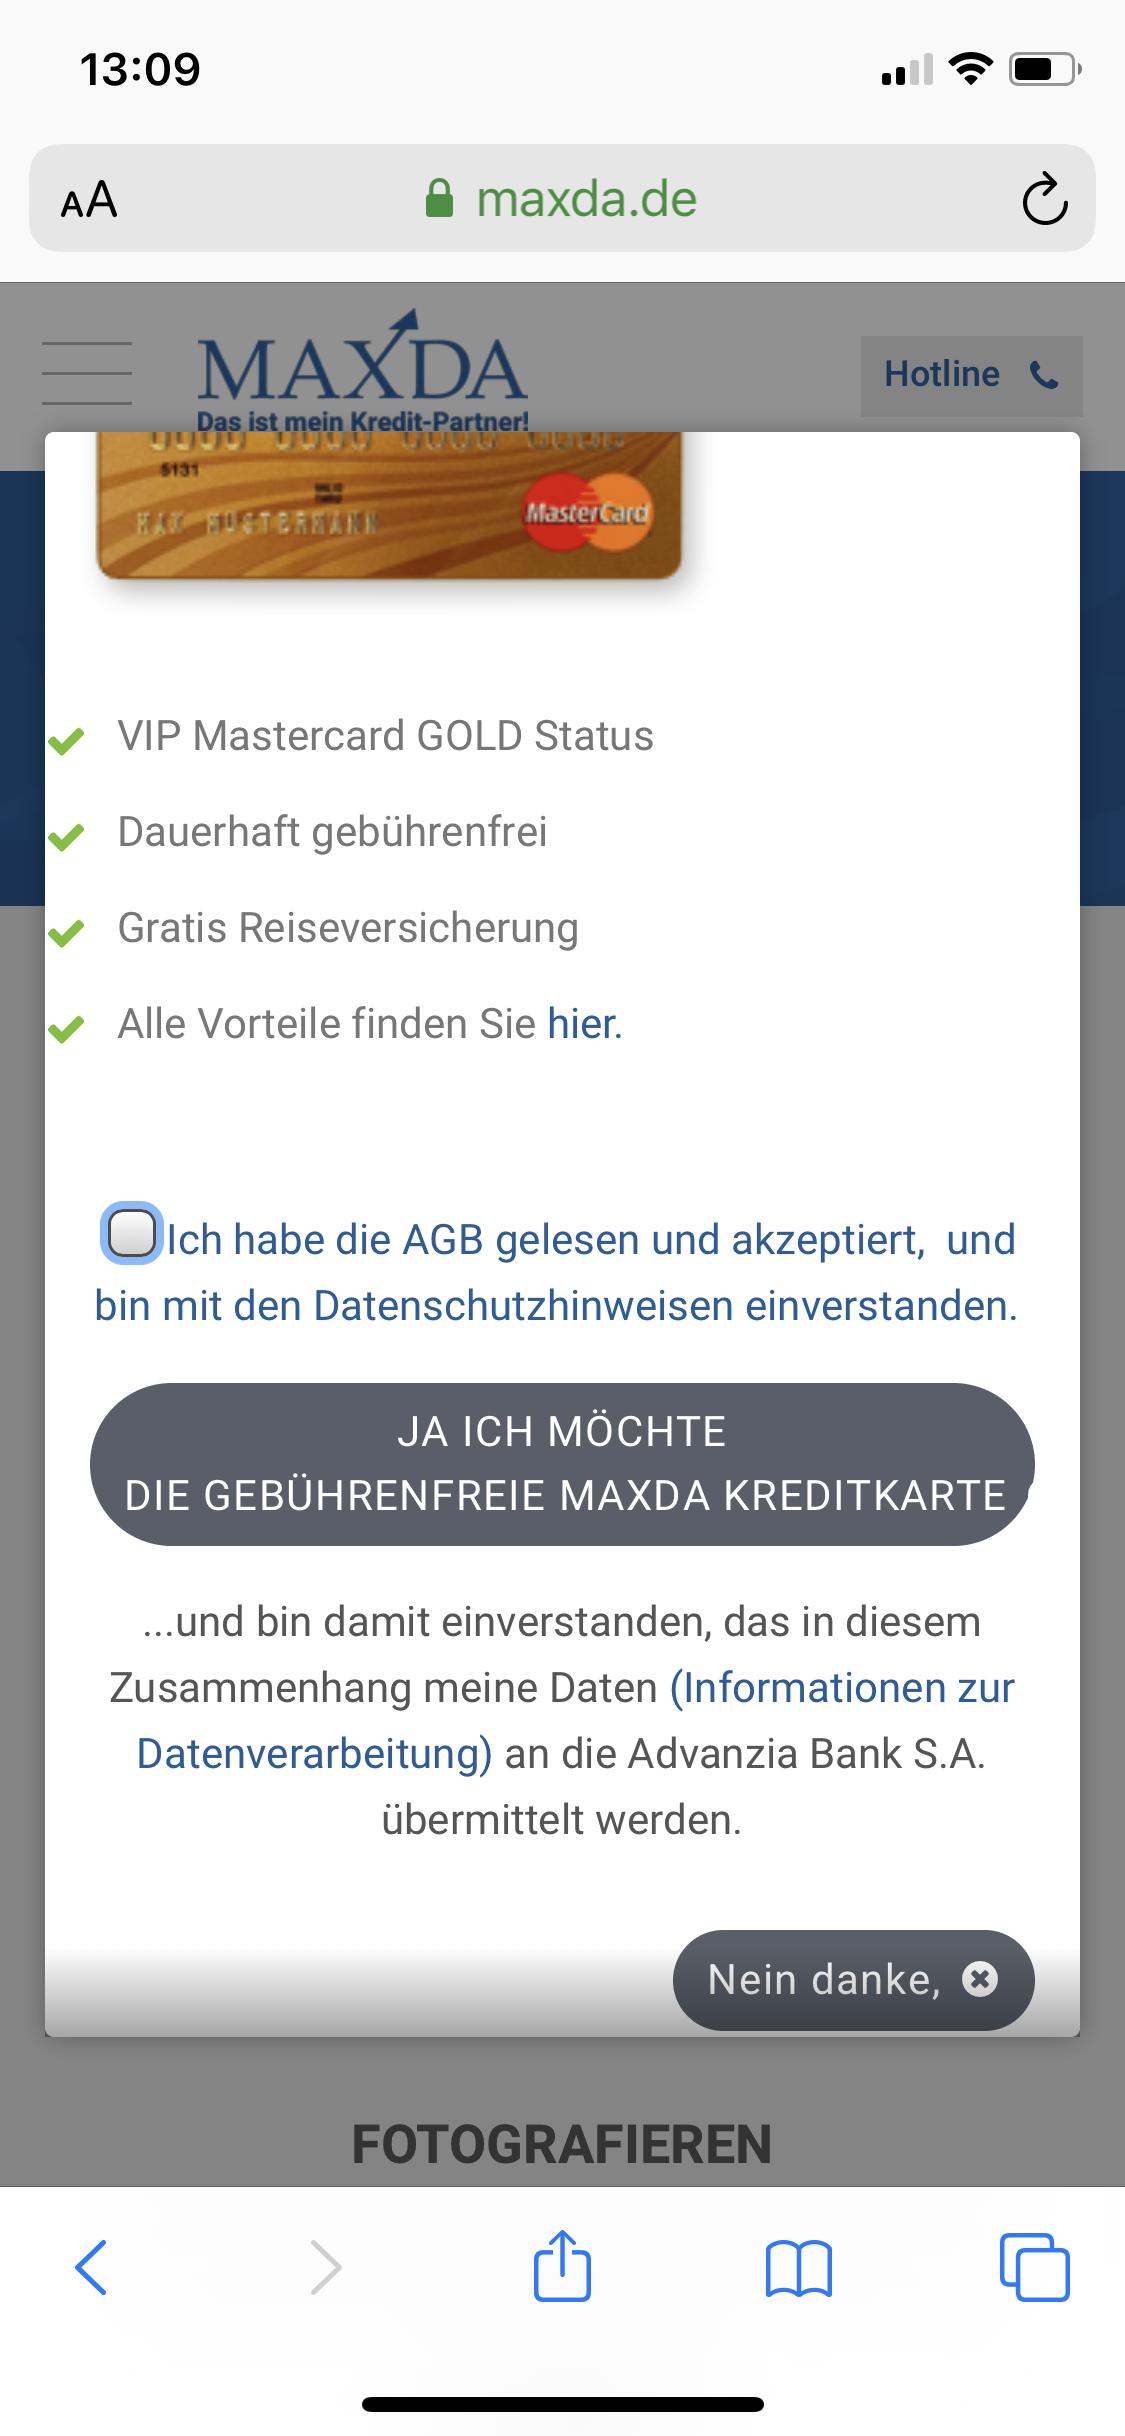 Maxda Angebot für geführenfreie Kreditkarte auf Smartphone